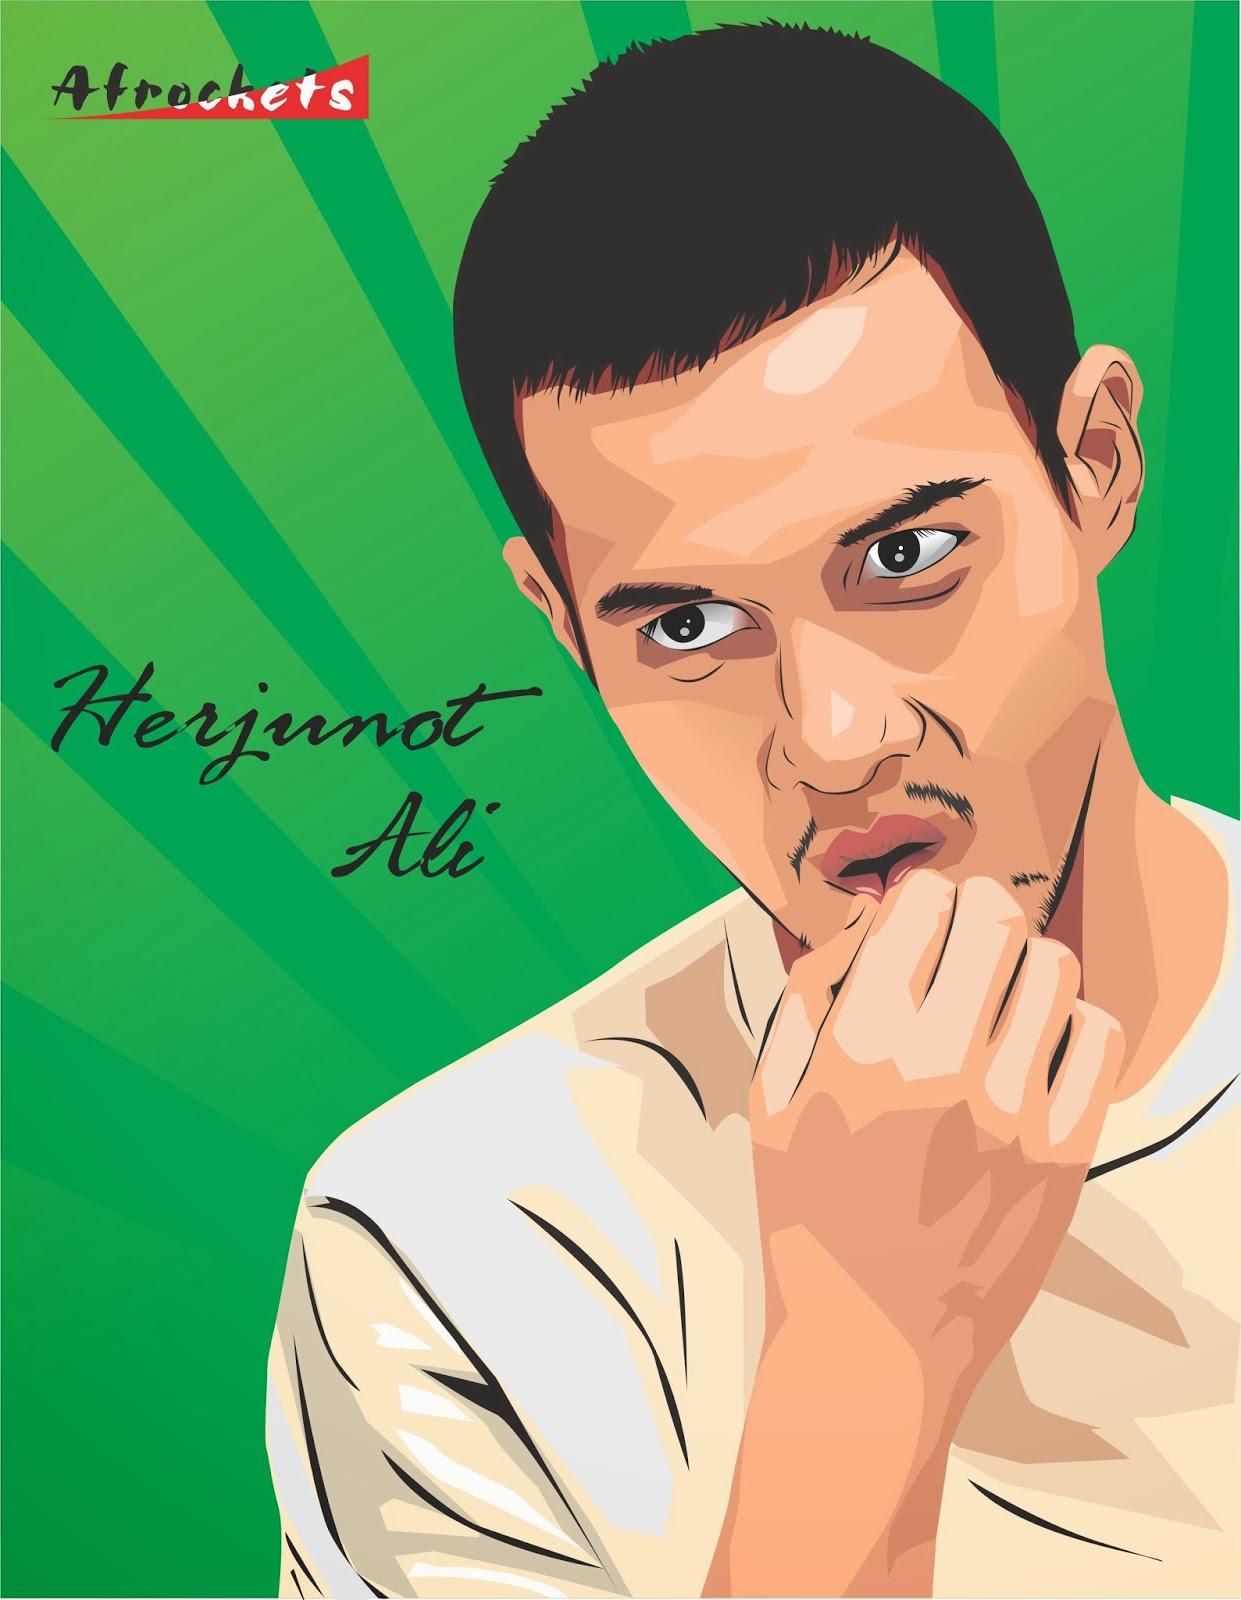 Herjunot Ali